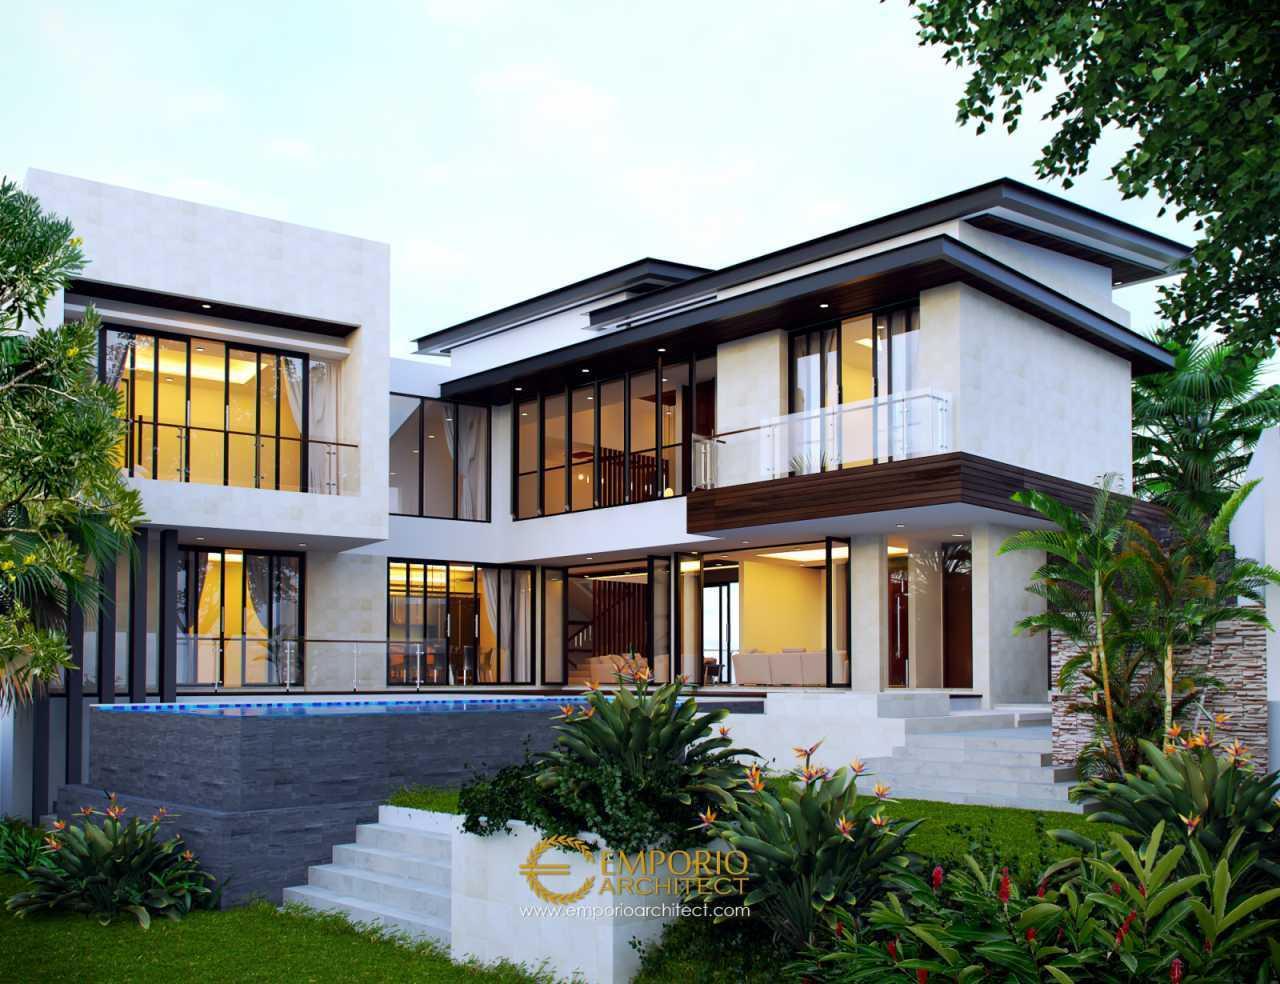 Emporio Architect Jasa Arsitek Tangerang Desain Rumah Modern 2 Lantai 442 @ Tangerang, Banten Tangerang, Kota Tangerang, Banten, Indonesia Tangerang, Kota Tangerang, Banten, Indonesia Emporio-Architect-Jasa-Arsitek-Tangerang-Desain-Rumah-Modern-2-Lantai-442-Tangerang-Banten  91745